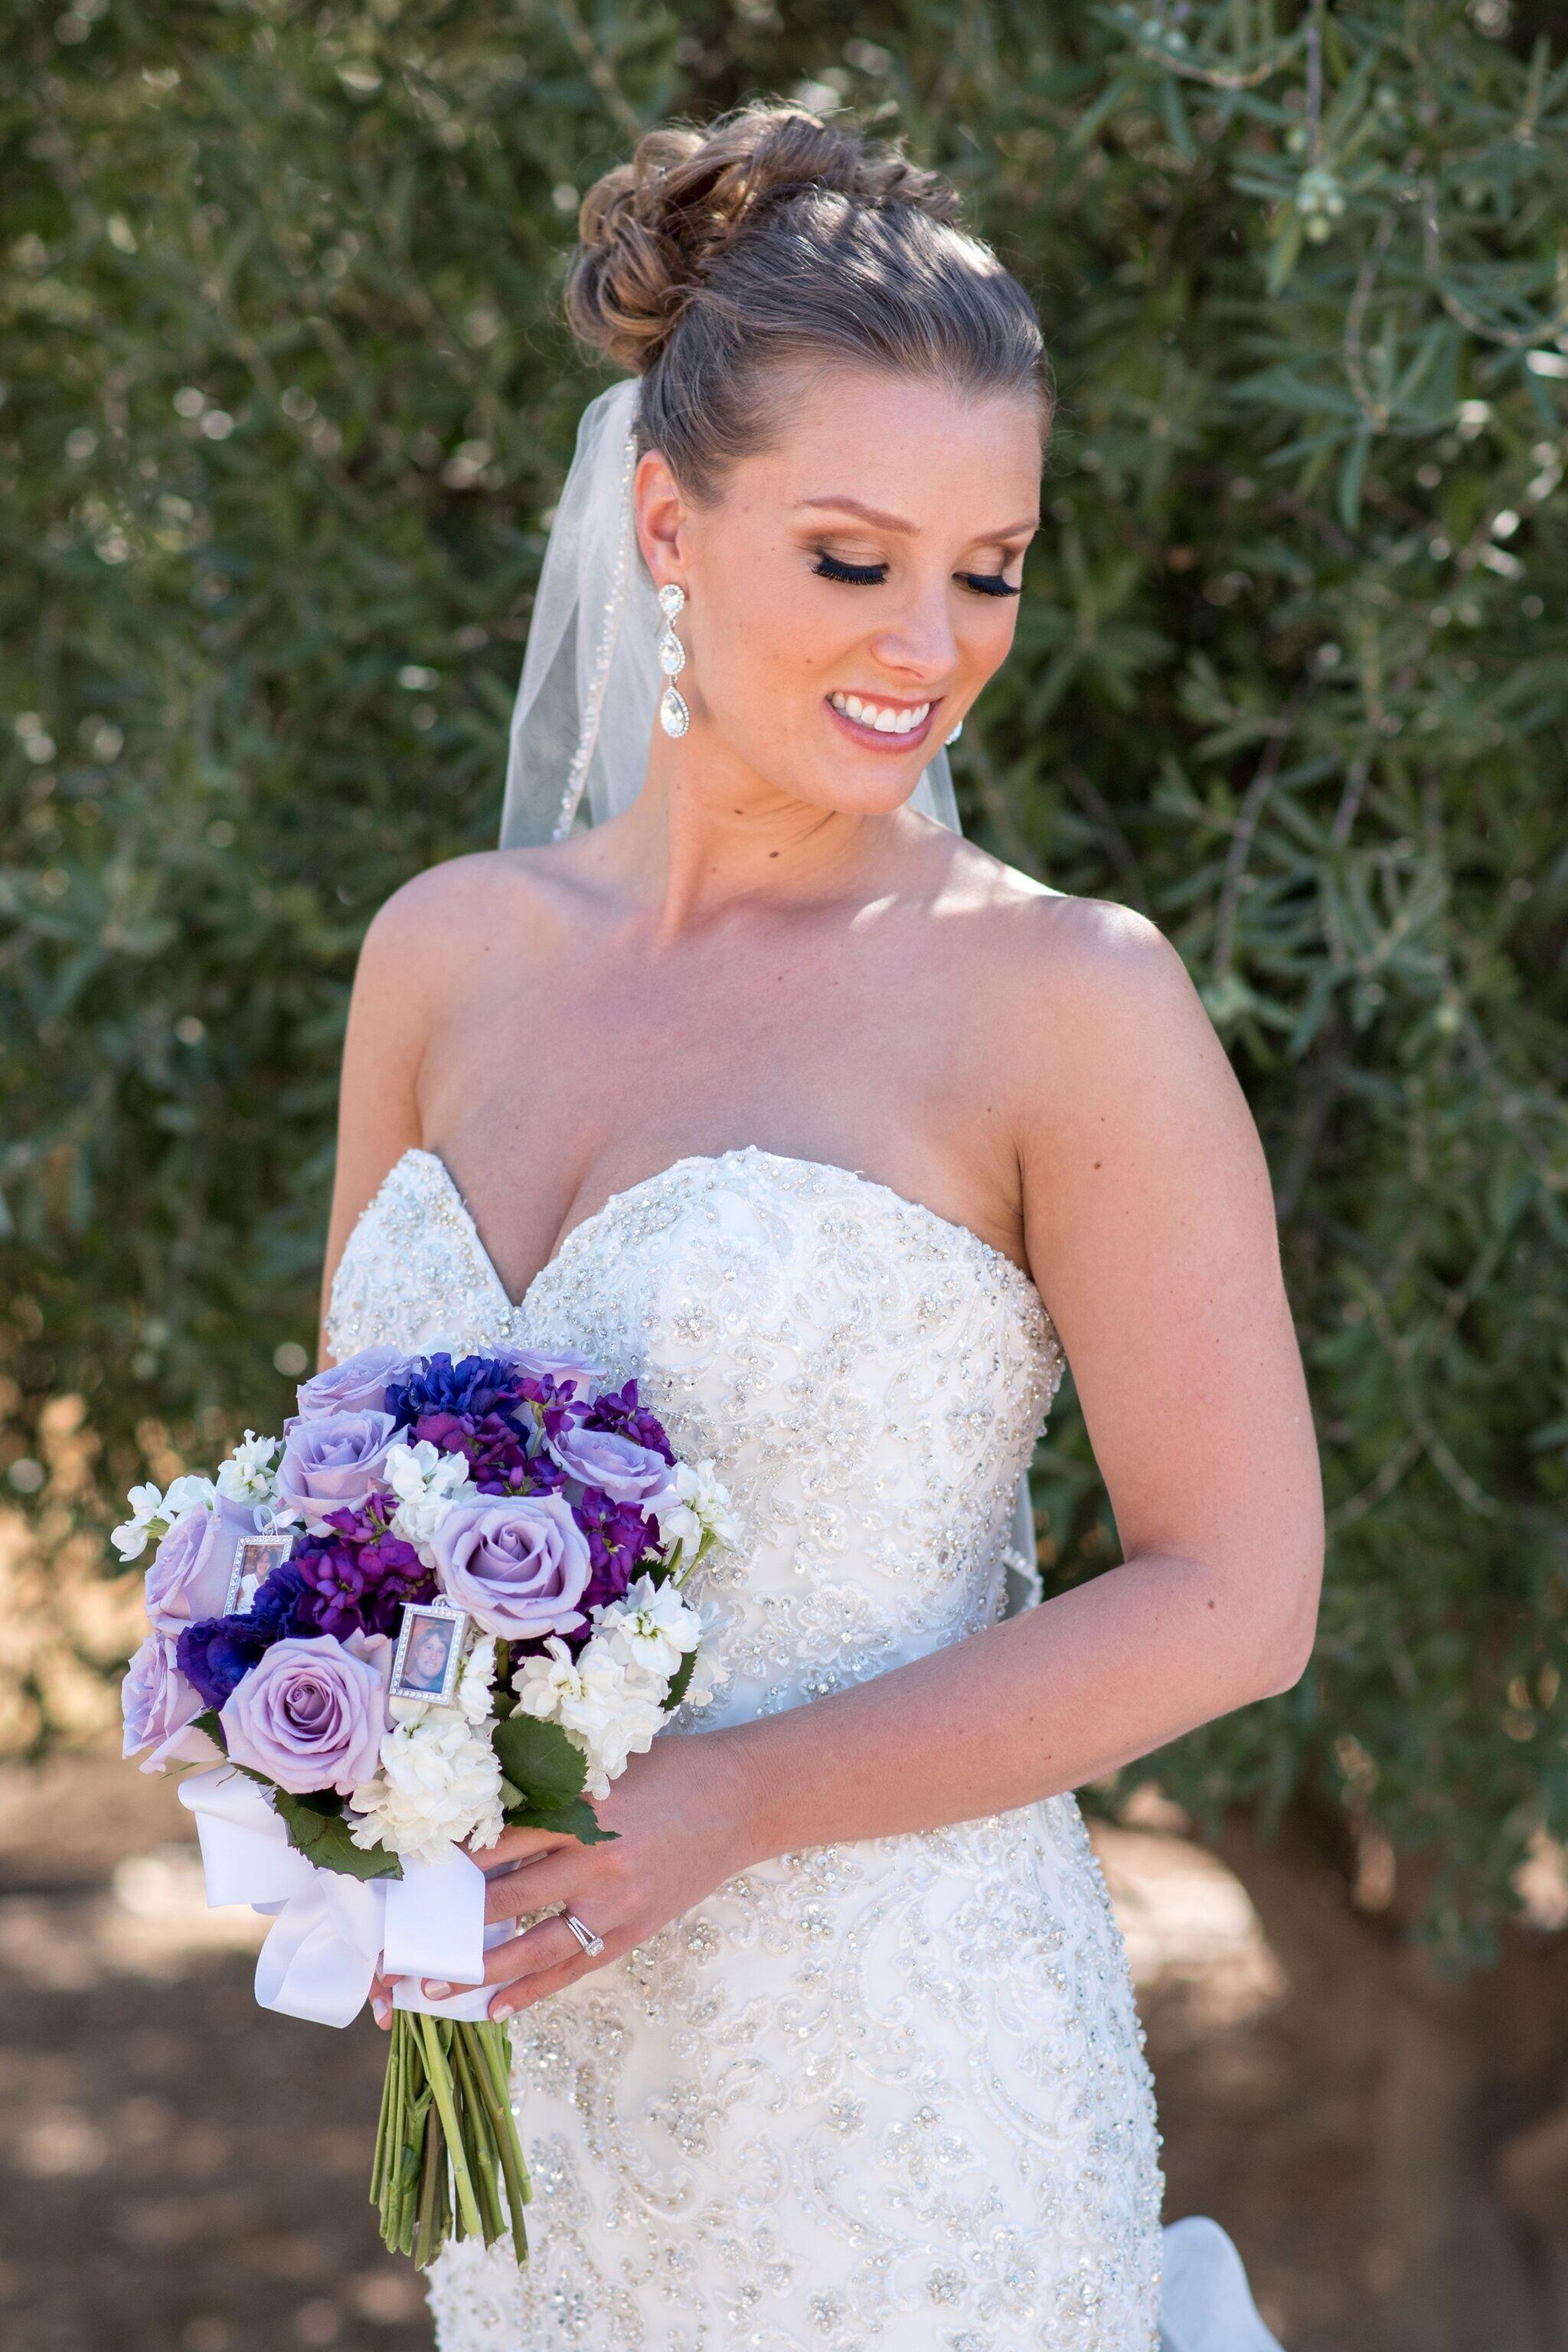 The Decorated Bride - Reno, NV